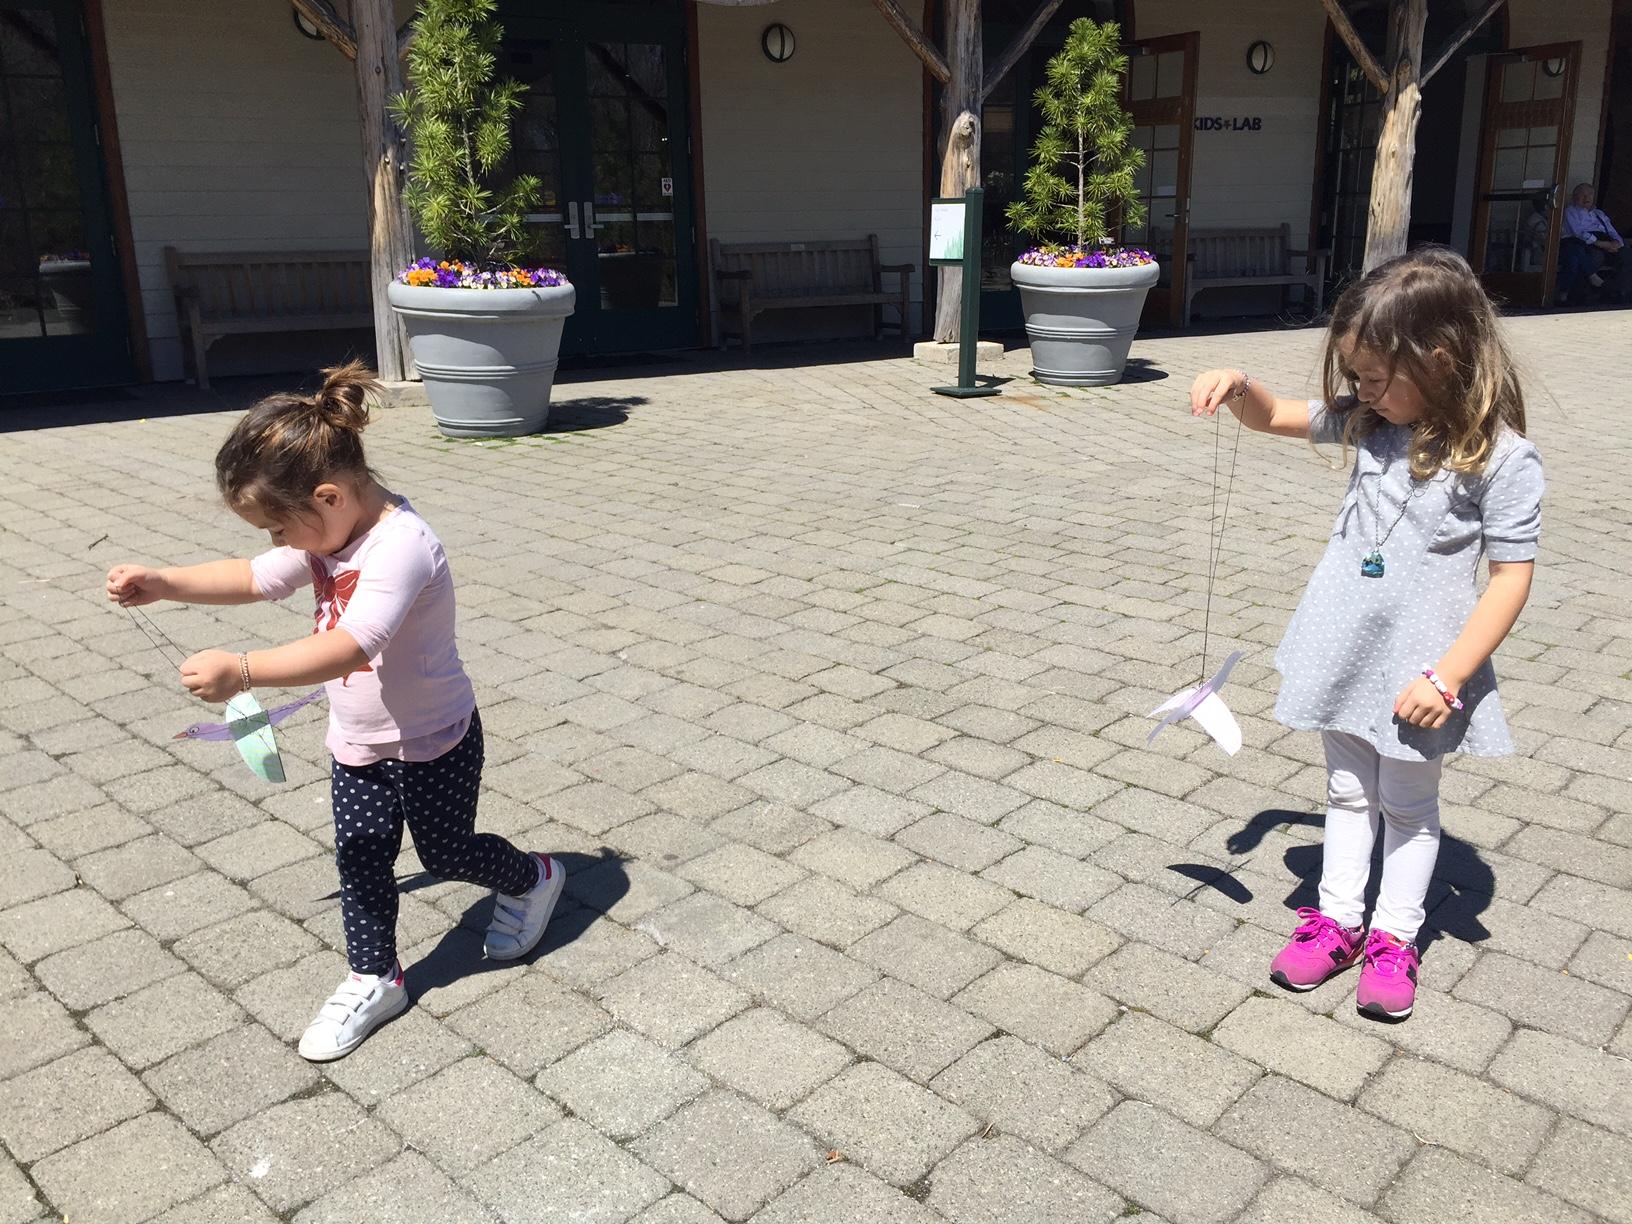 New York  bambine che giocano